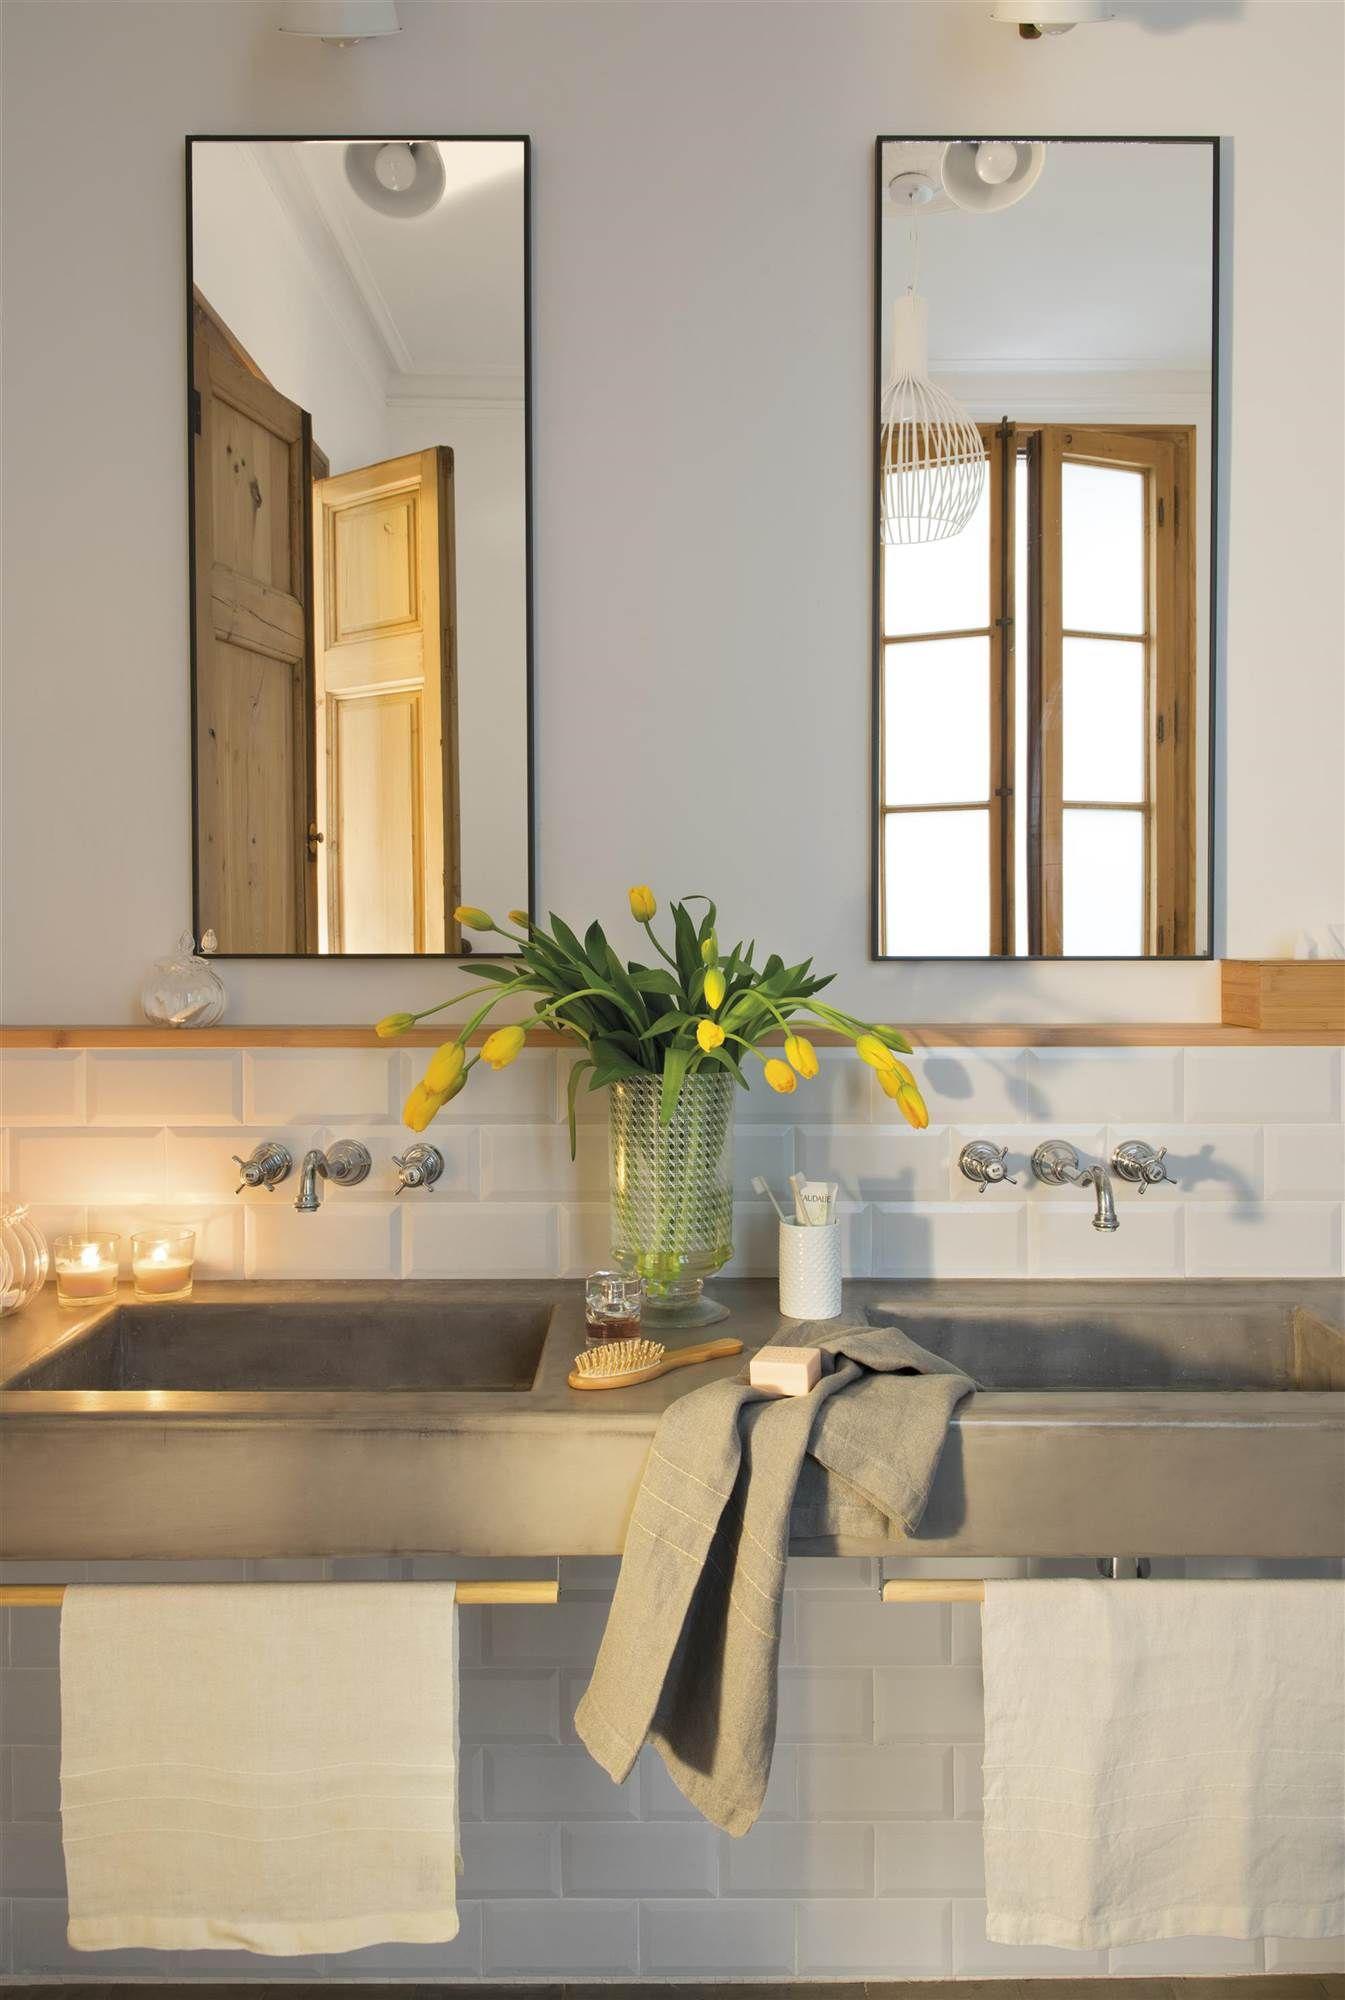 Estiliza en vertical ba os bathrooms pinterest for Banos antiguos decoracion